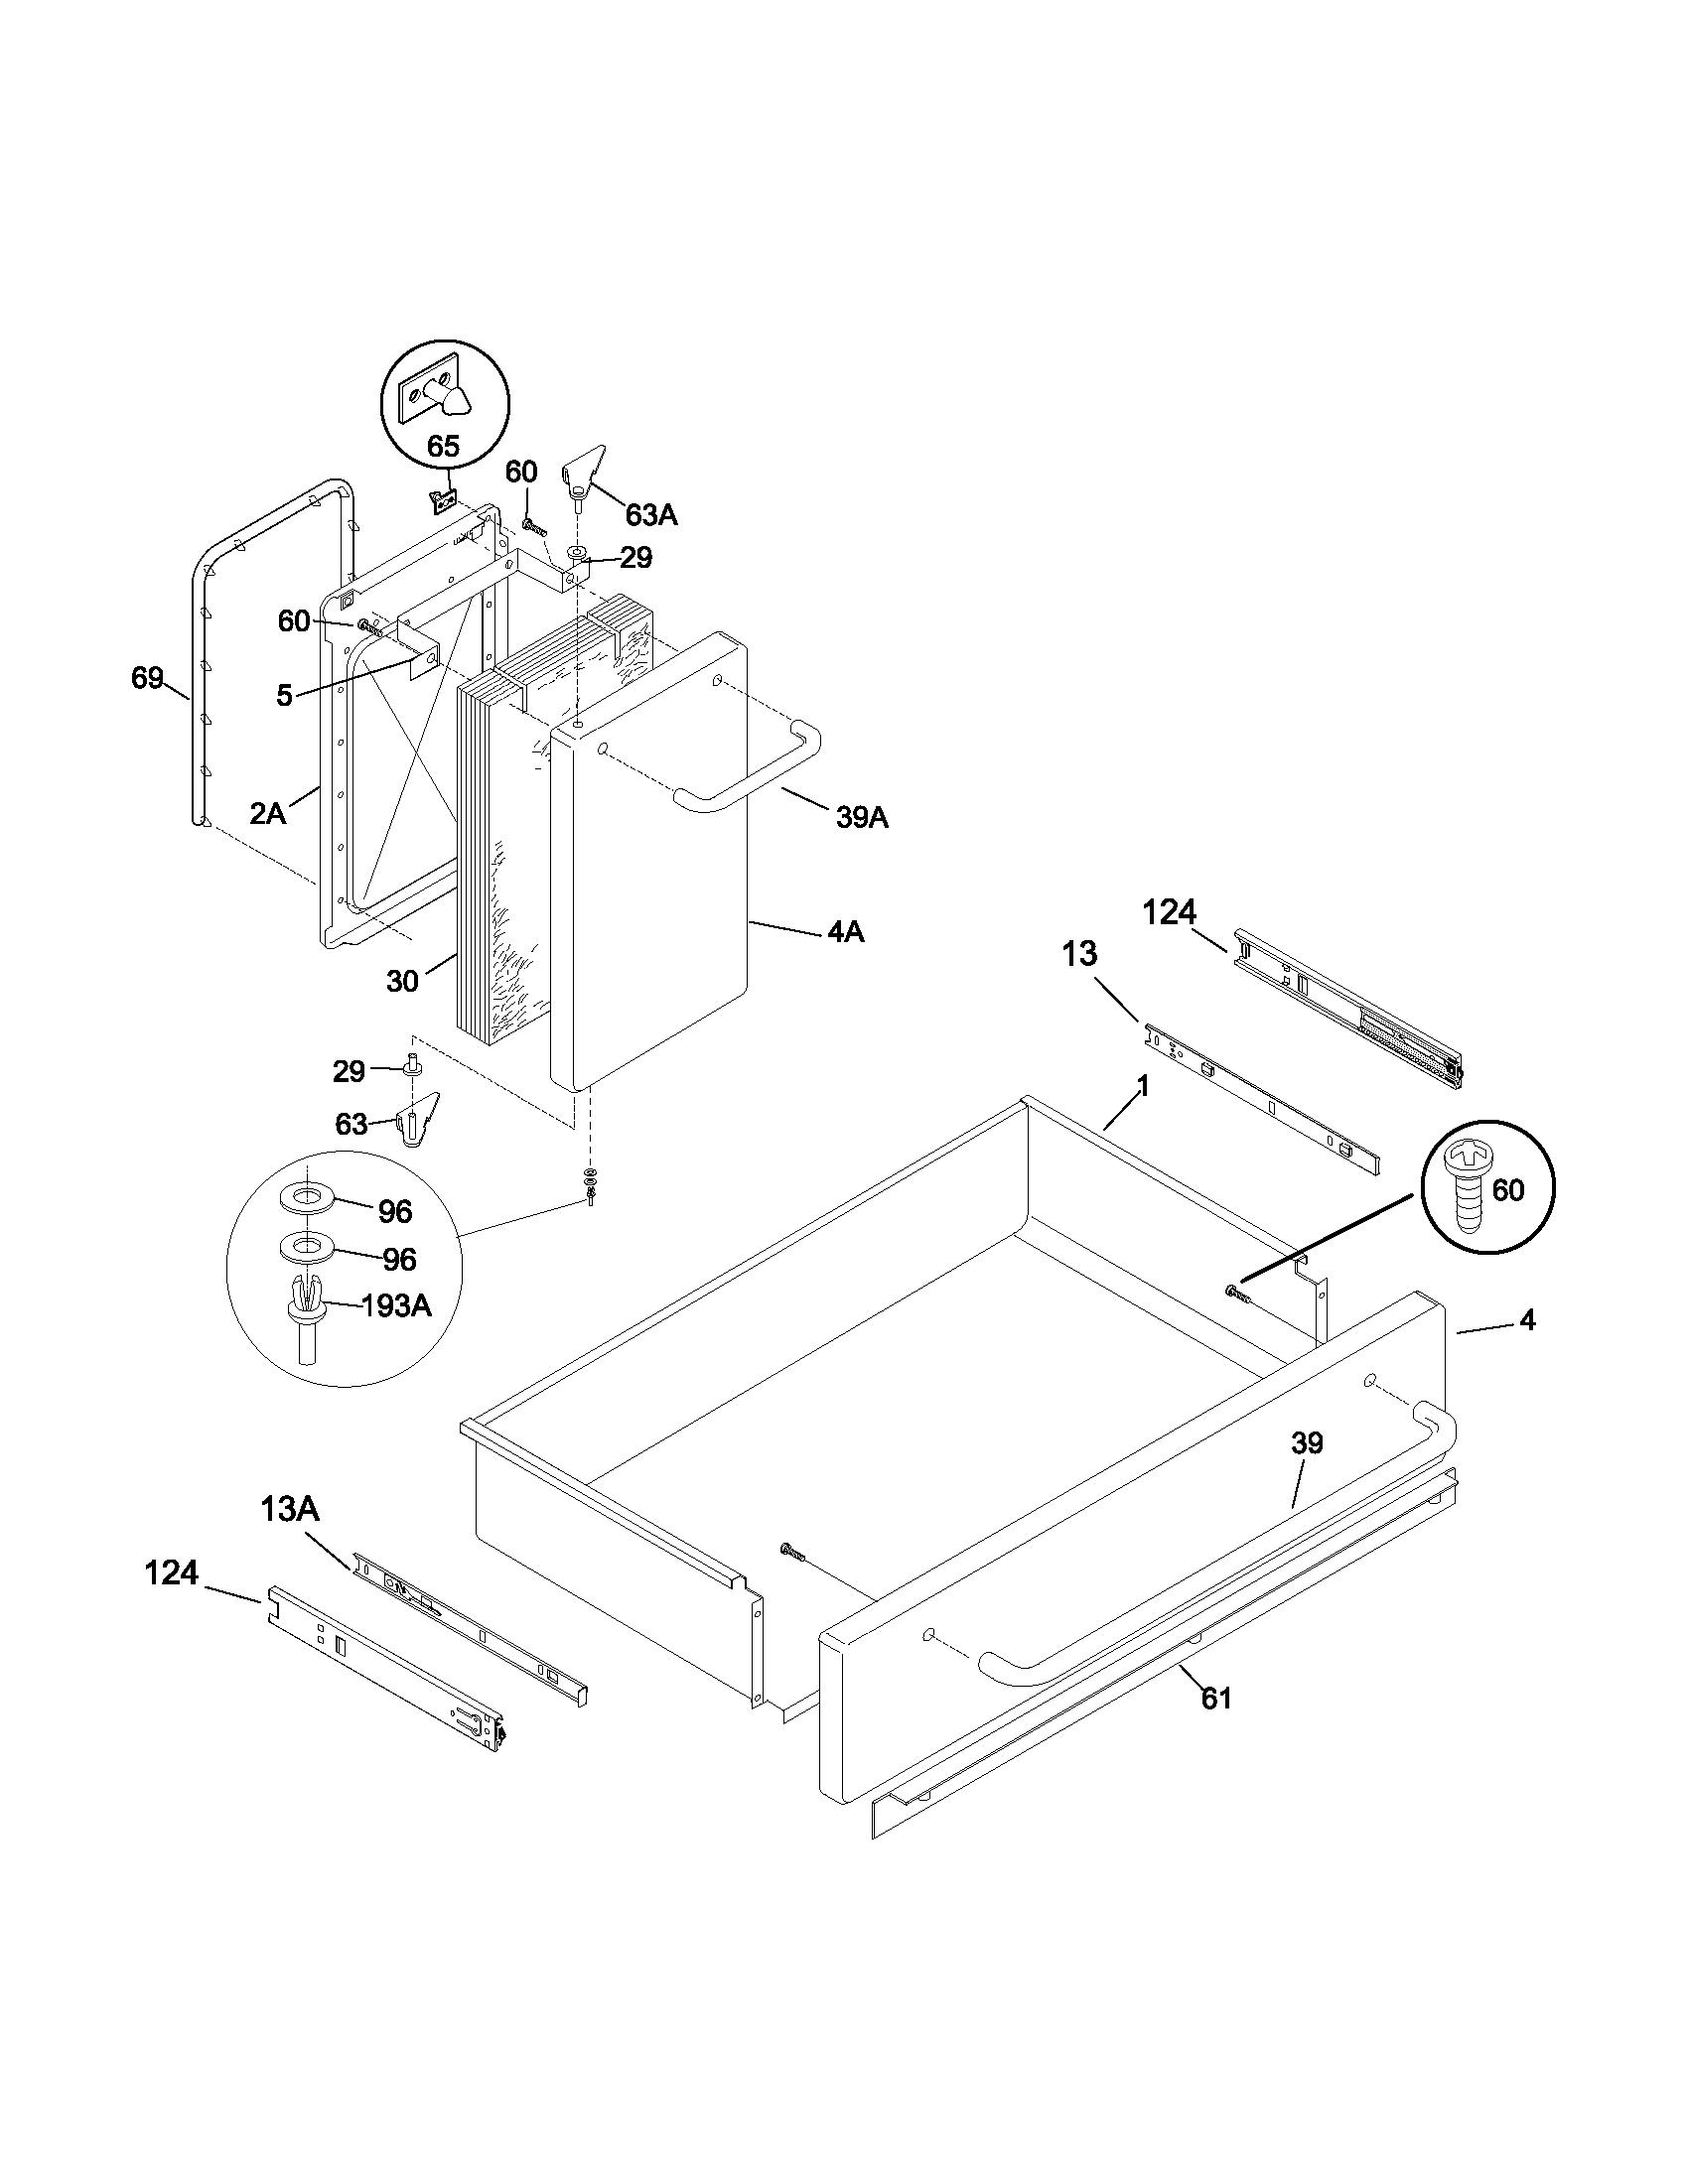 electric range schematic wiring